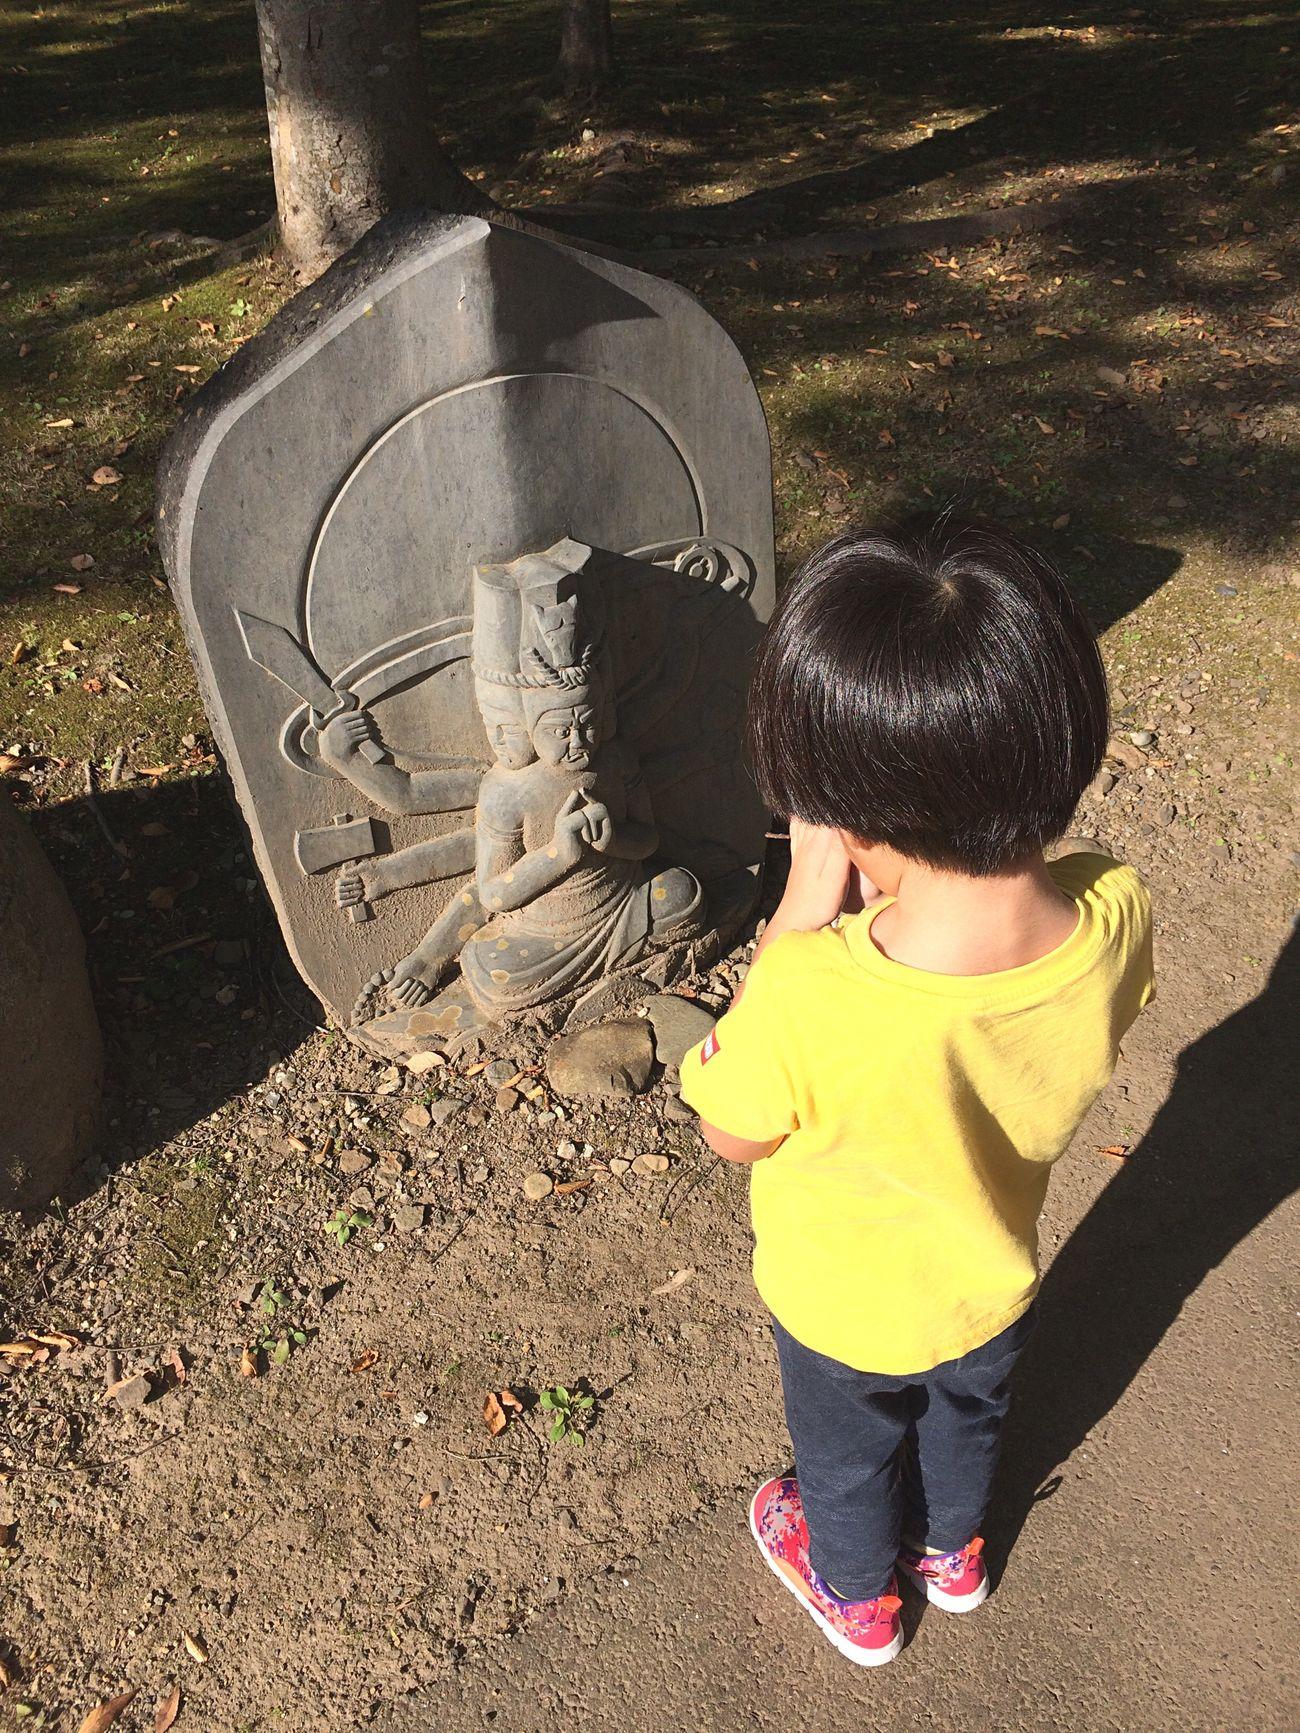 Pray or play Guardian Child Praying Miyagi Peasefull Melancholy